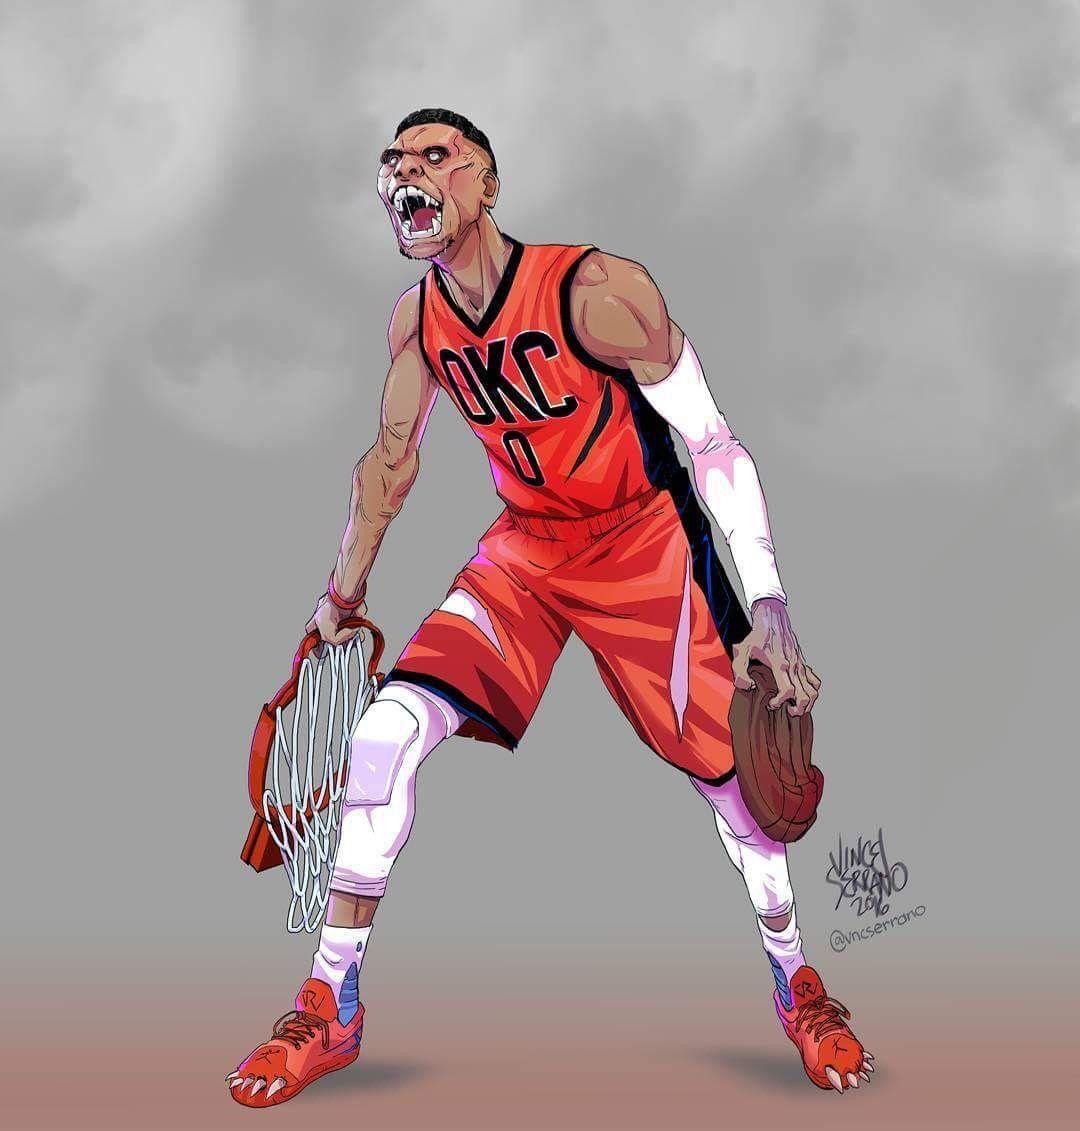 Demon Russell Westbrook